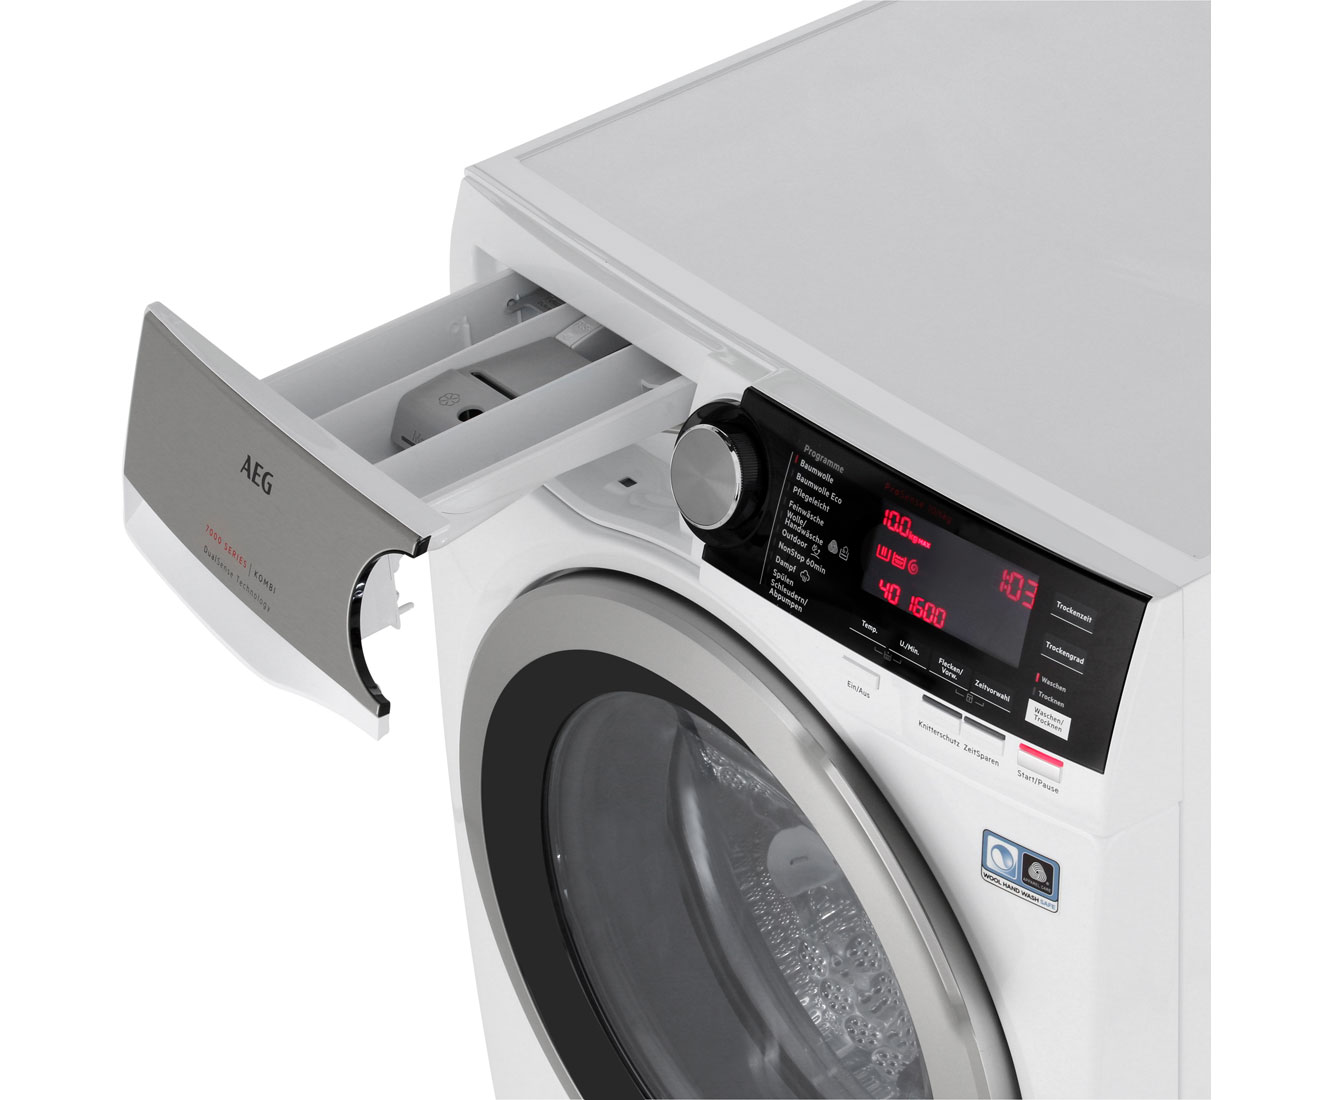 Aeg lavamat kombi l we waschtrockner kg waschen kg